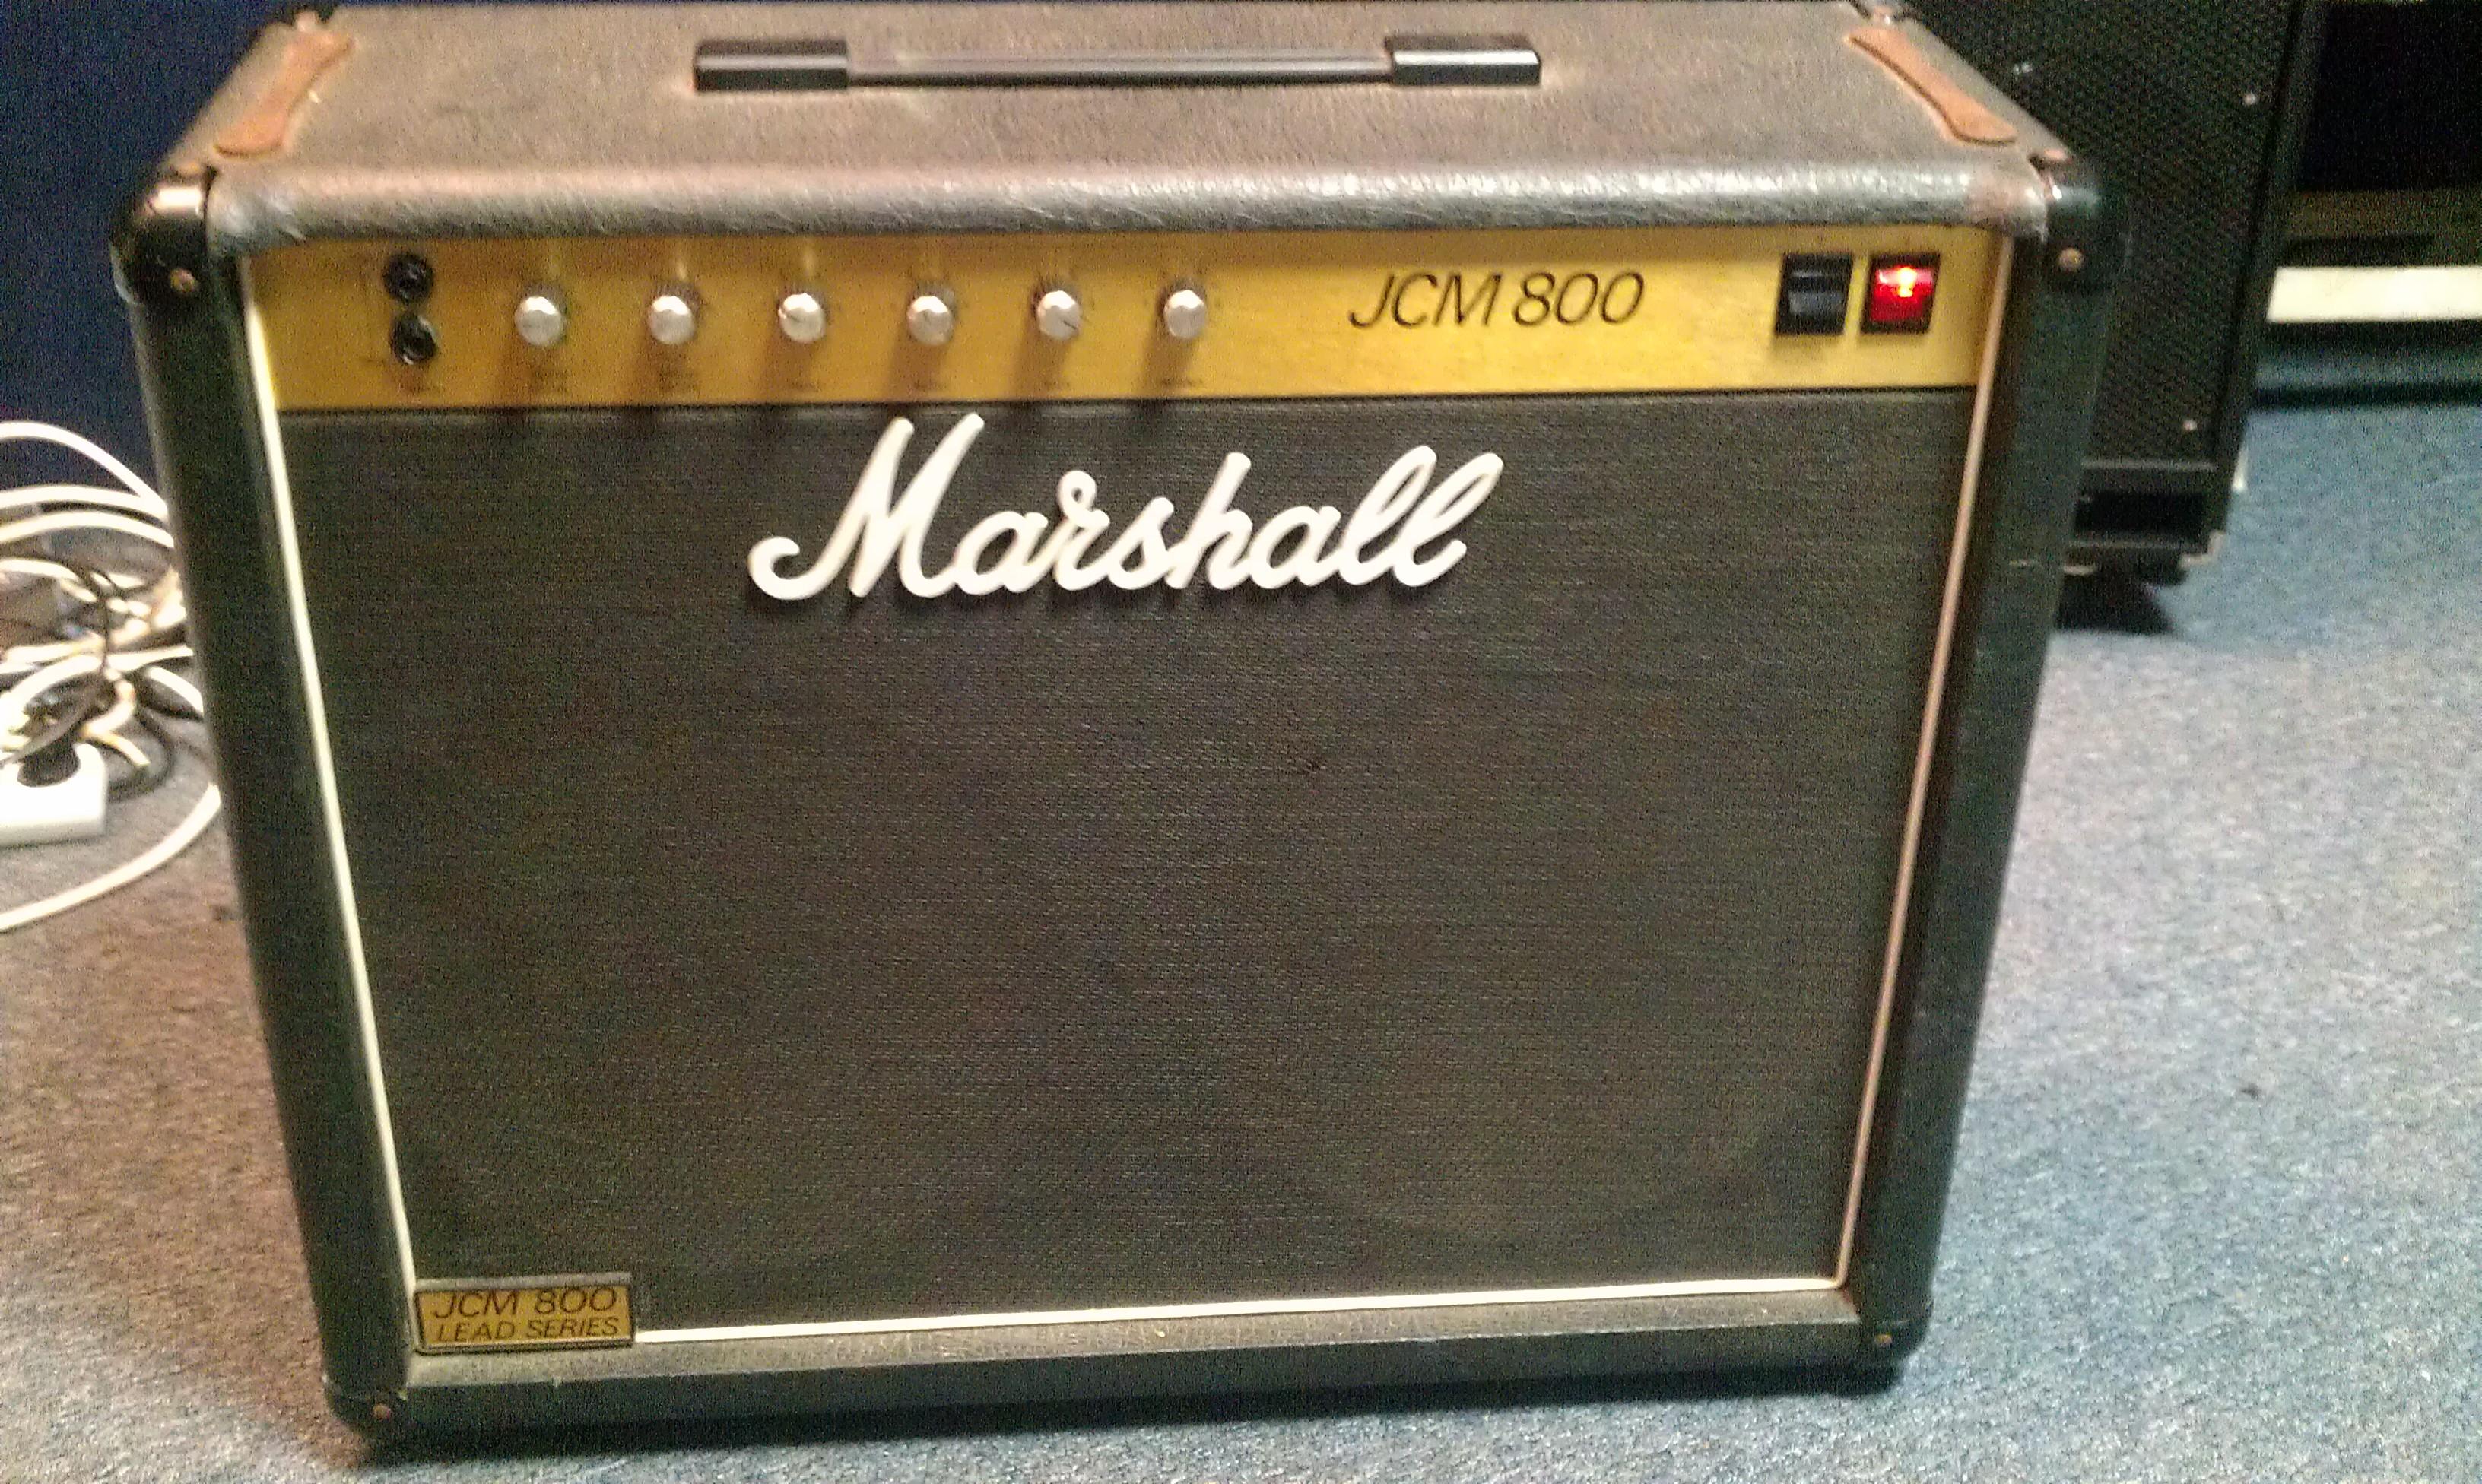 marshall 4104 jcm800 master volume lead 1981 1989 image 352956 audiofanzine. Black Bedroom Furniture Sets. Home Design Ideas